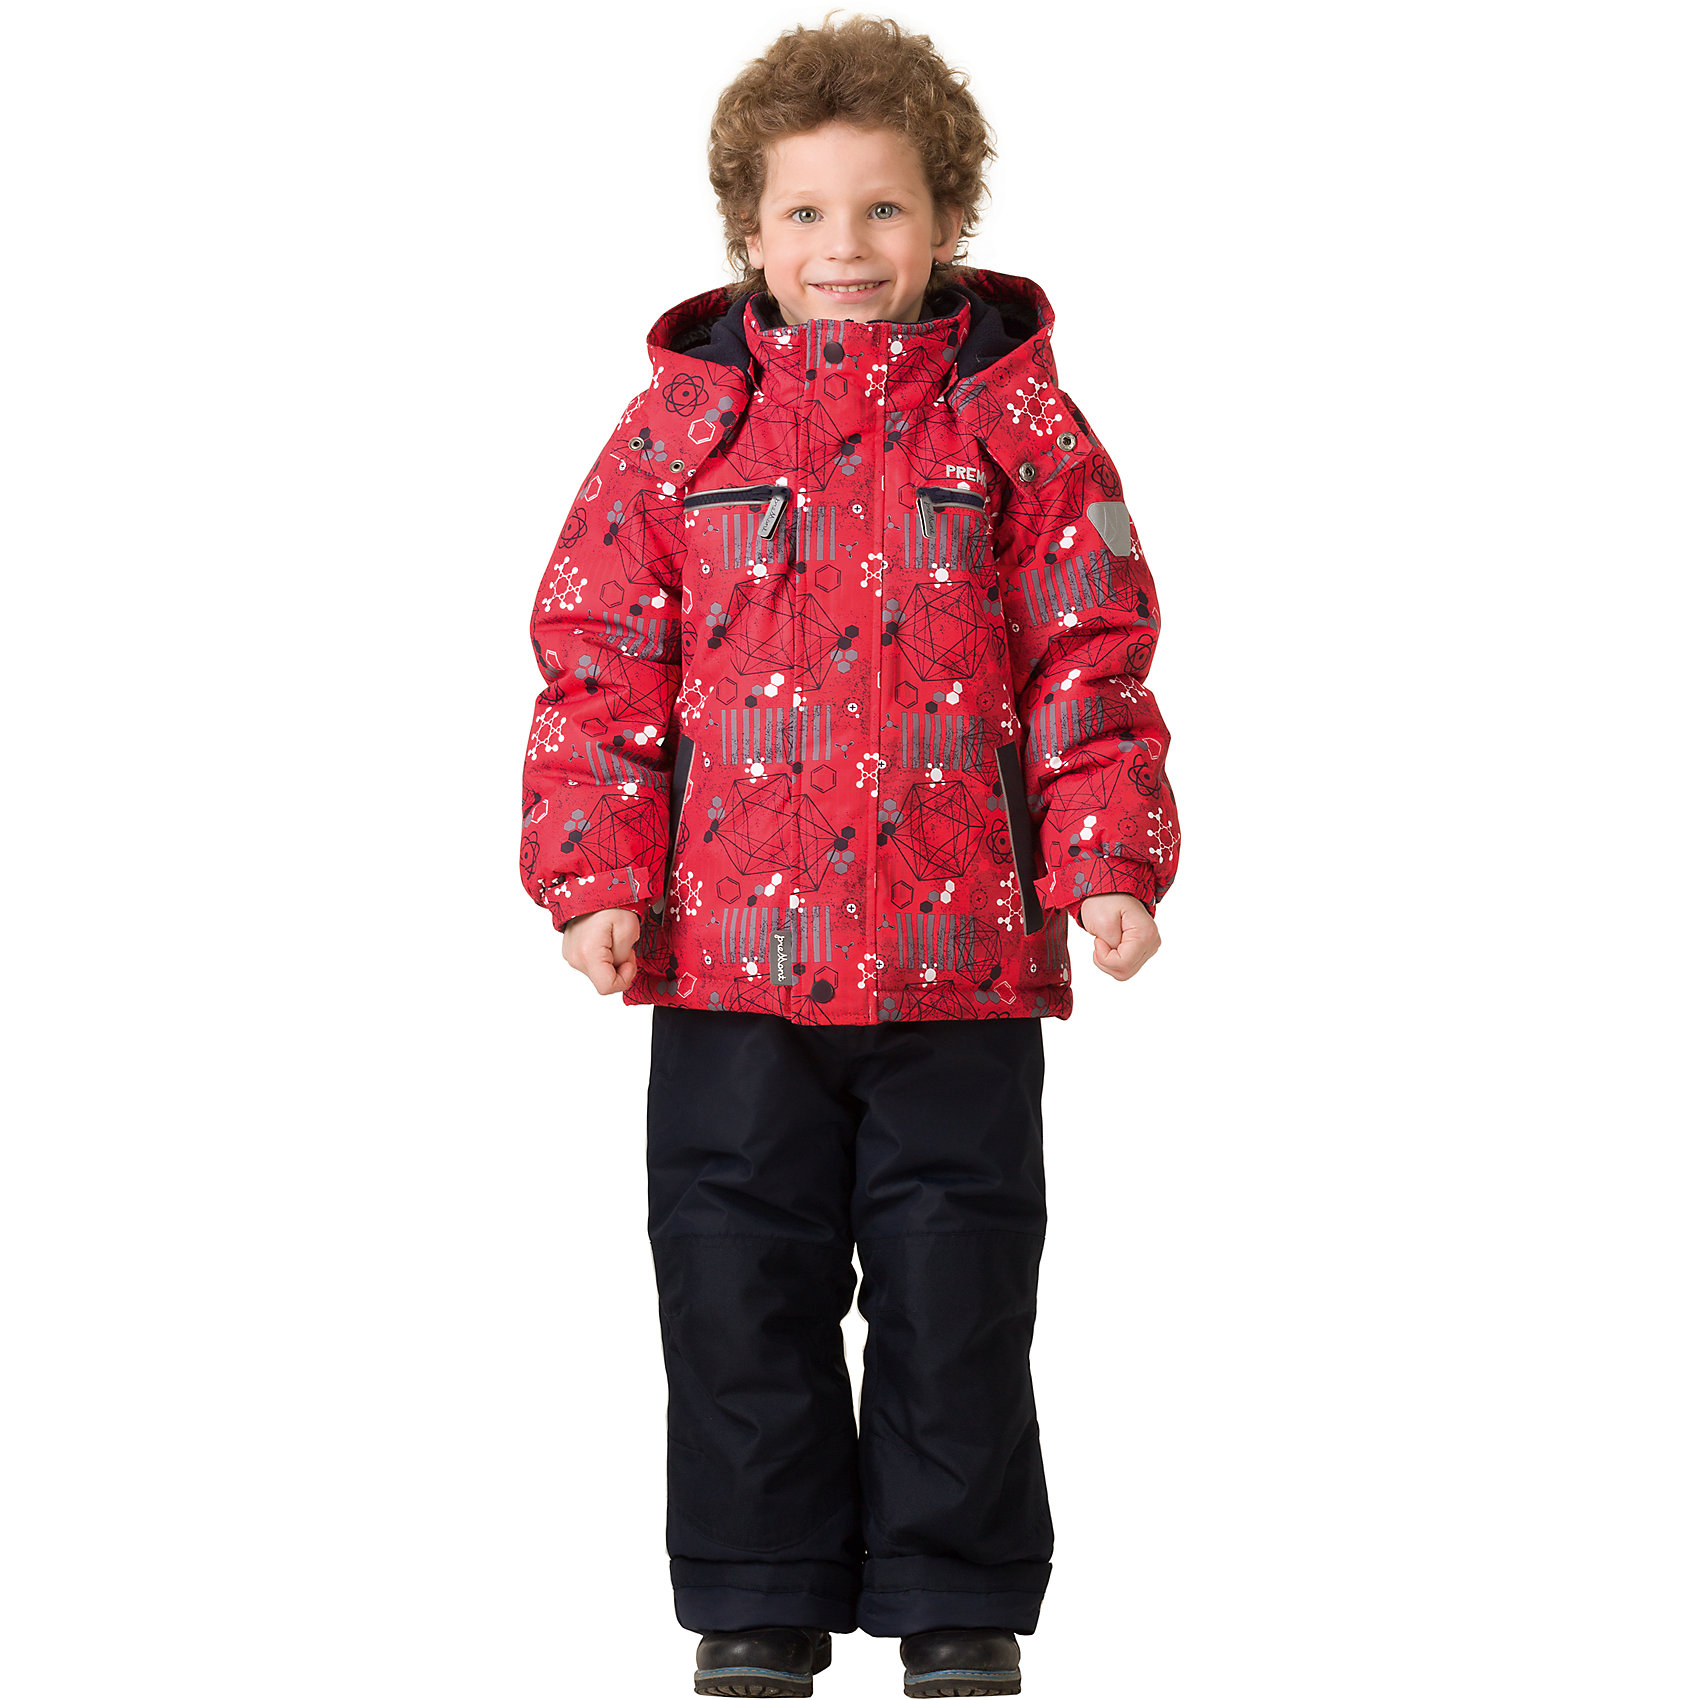 Комплект: куртка и брюки Premont для мальчикаВерхняя одежда<br>Характеристики товара:<br><br>• цвет: красный<br>• комплектация: куртка и брюки<br>• состав ткани: Taslan<br>• подкладка: Polar fleece, Taffeta<br>• утеплитель: Tech-polyfill<br>• сезон: зима<br>• мембранное покрытие<br>• температурный режим: от -30 до +5<br>• водонепроницаемость: 5000 мм <br>• паропроницаемость: 5000 г/м2<br>• плотность утеплителя: куртка - 280 г/м2, брюки - 180 г/м2<br>• капюшон: съемный,  без меха<br>• застежка: молния<br>• страна бренда: Канада<br>• страна изготовитель: Китай<br><br>Стильный зимний комплект позволяет ребенку не замерзнуть даже в сильный мороз, потому что теплый комплект для детей сделан с применением мембранной технологии. Зимний комплект для ребенка обеспечивает удобство при долгом нахождении ребенка на улице. Он создает и поддерживает комфортный микроклимат.<br><br>Комплект: куртка и брюки для мальчика Premont (Премонт) можно купить в нашем интернет-магазине.<br><br>Ширина мм: 356<br>Глубина мм: 10<br>Высота мм: 245<br>Вес г: 519<br>Цвет: красный<br>Возраст от месяцев: 156<br>Возраст до месяцев: 168<br>Пол: Мужской<br>Возраст: Детский<br>Размер: 164,92,98,100,104,110,116,122,128,140,152<br>SKU: 7088397